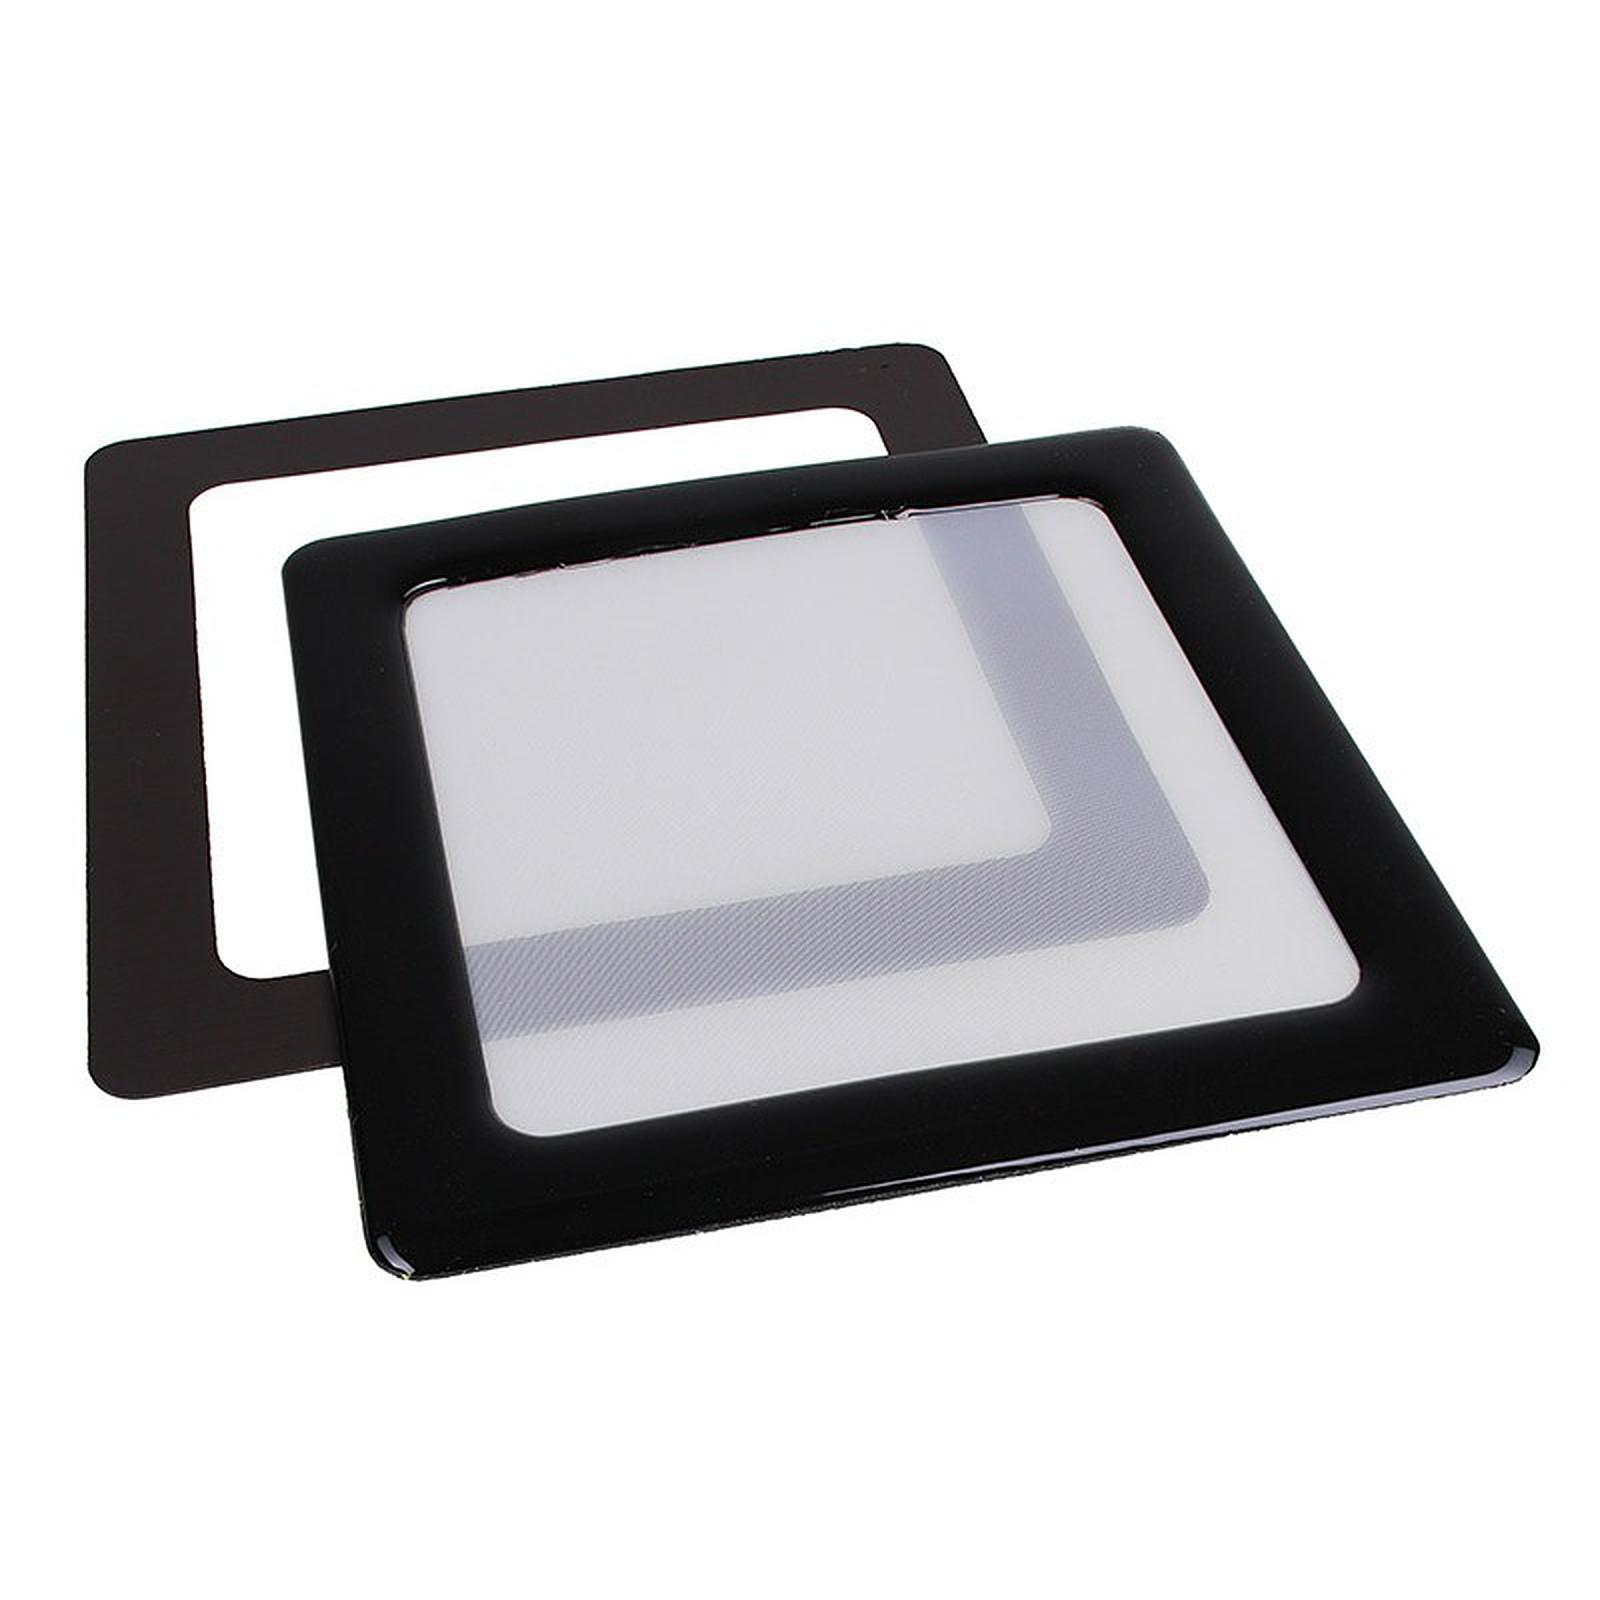 Filtre à poussière magnétique carré 80 mm (cadre noir, filtre blanc)